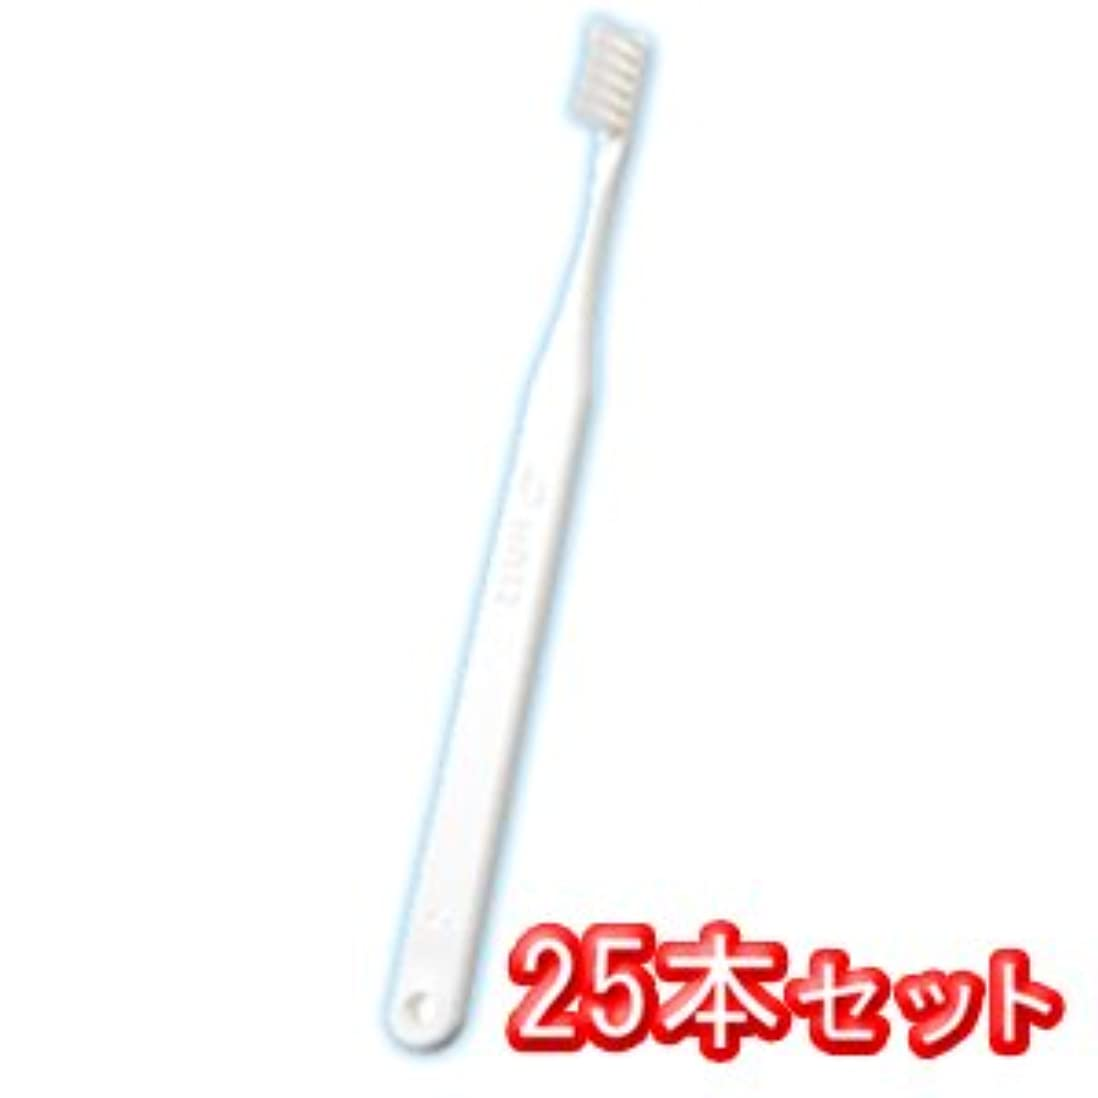 メモ家庭教師媒染剤オーラルケア タフト12 歯ブラシ 25本入 スーパーソフト SS ホワイト